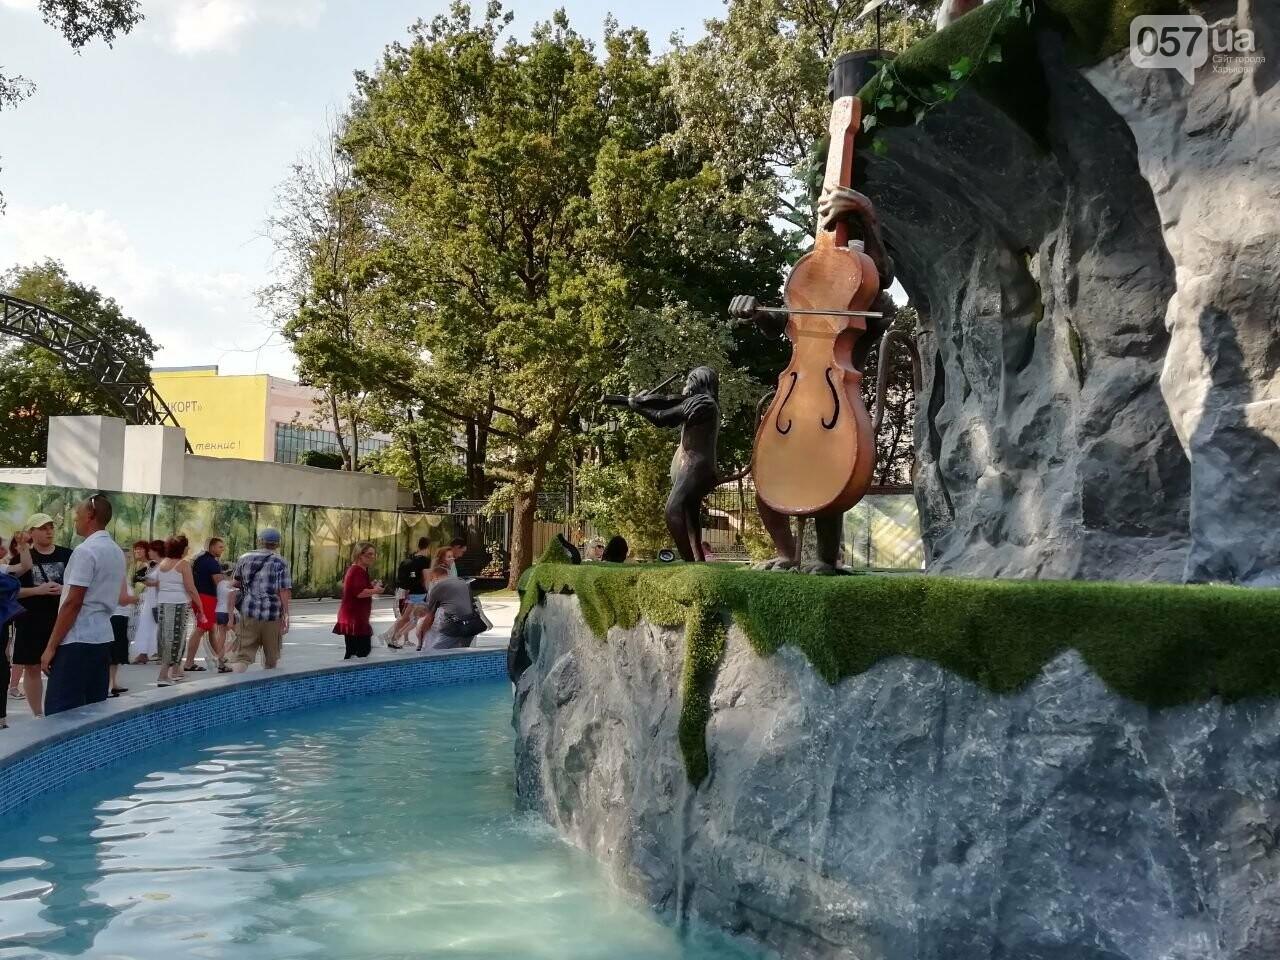 В центре Харькова появился новый фонтан и «Каскад» после реконструкции, - ФОТО, фото-1